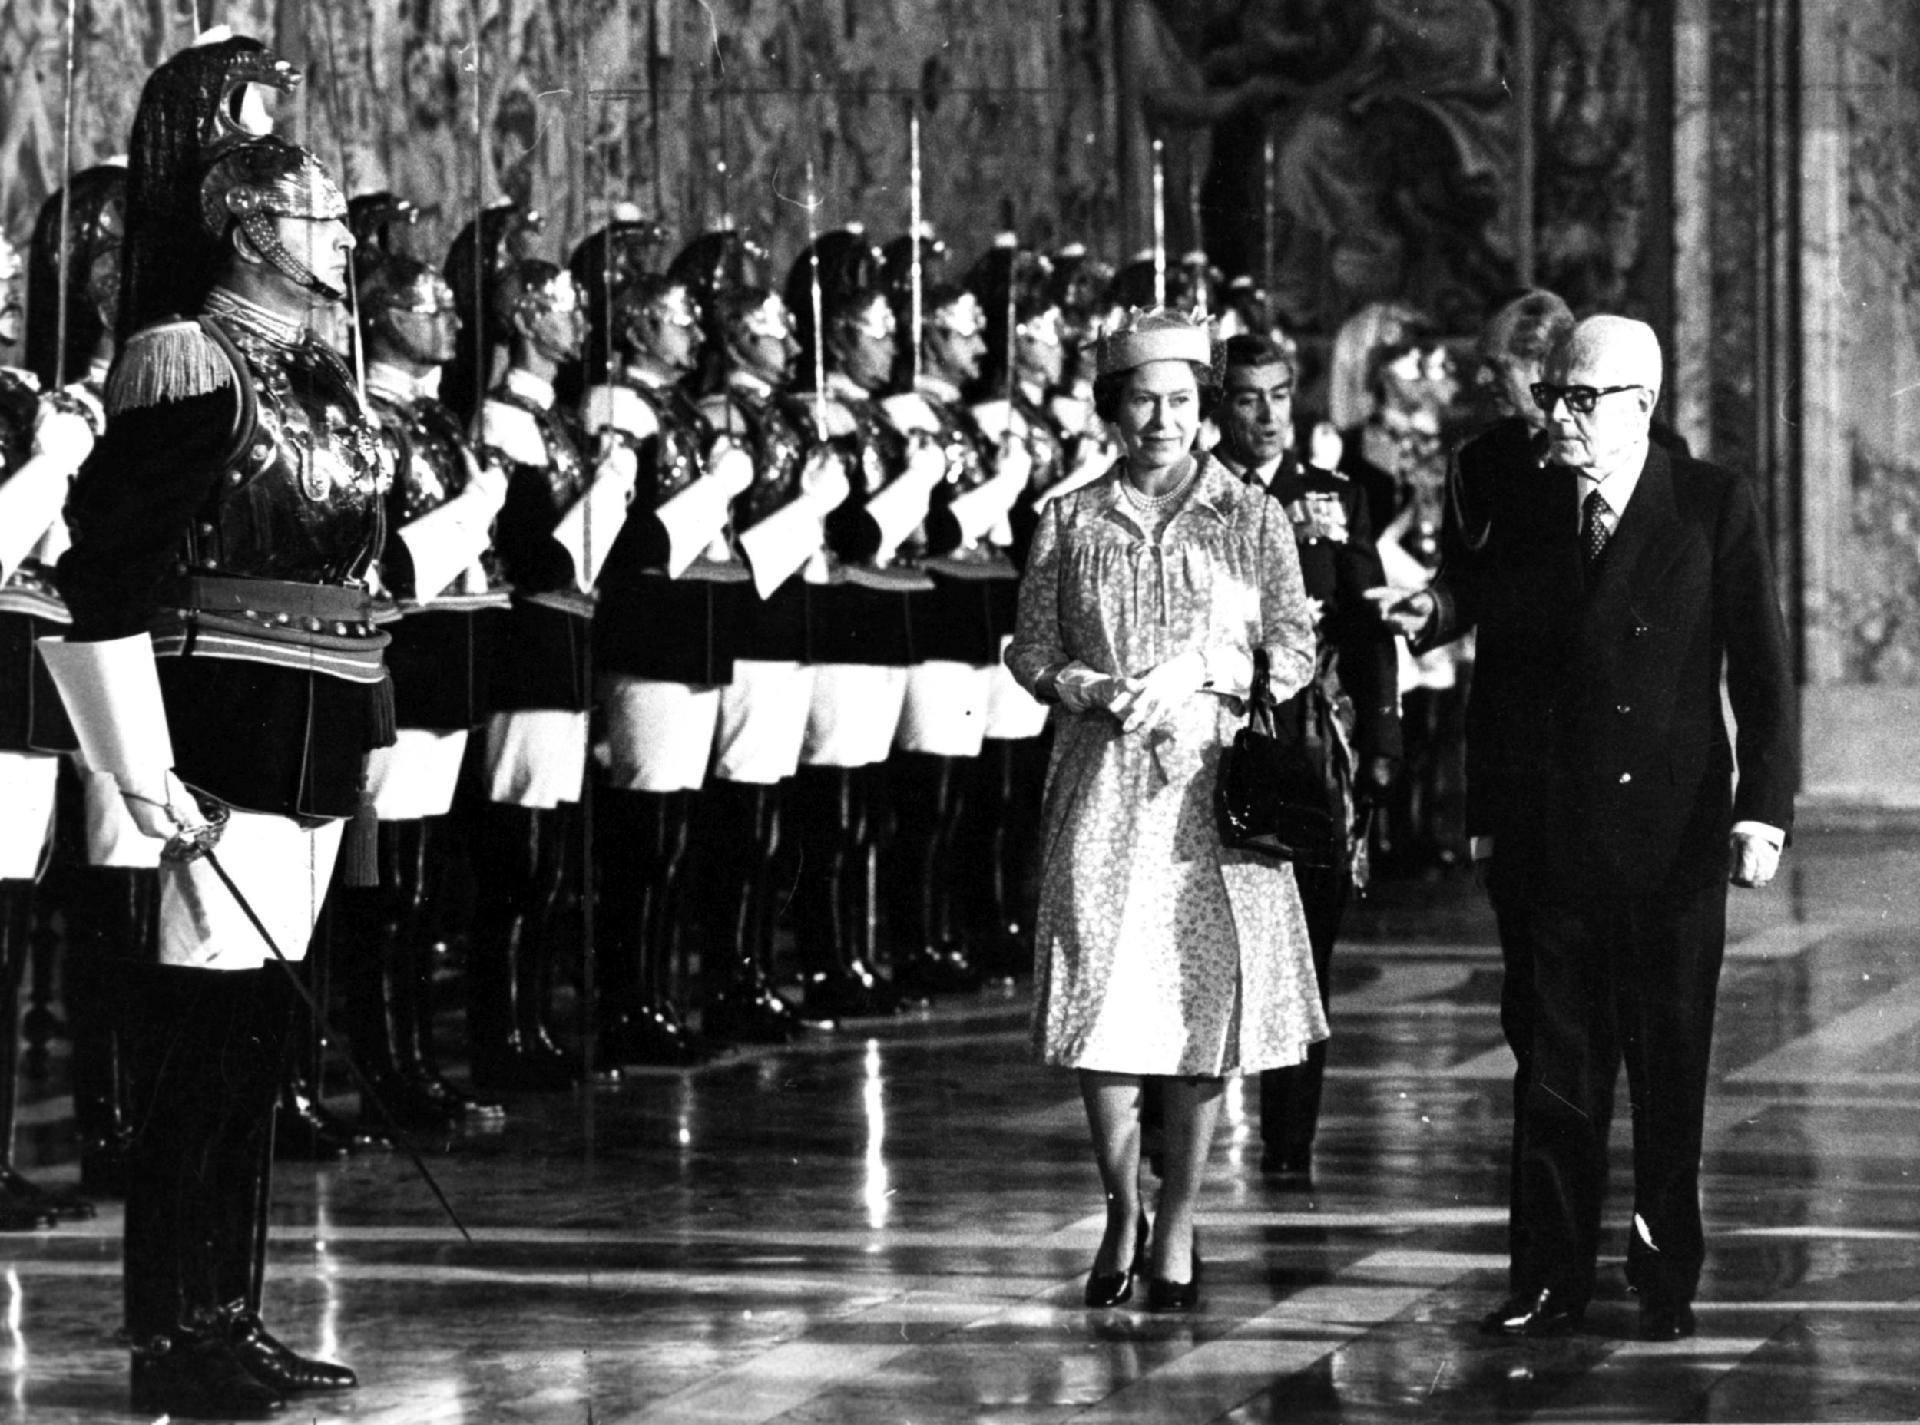 Visita di Stato di Sua Maestà la Regina del Regno Unito di Gran Bretagna e Irlanda del Nord, Elisabetta II, e di Sua Altezza Reale il Principe Filippo Duca di Edimburgo, (14-17 ottobre 1980)